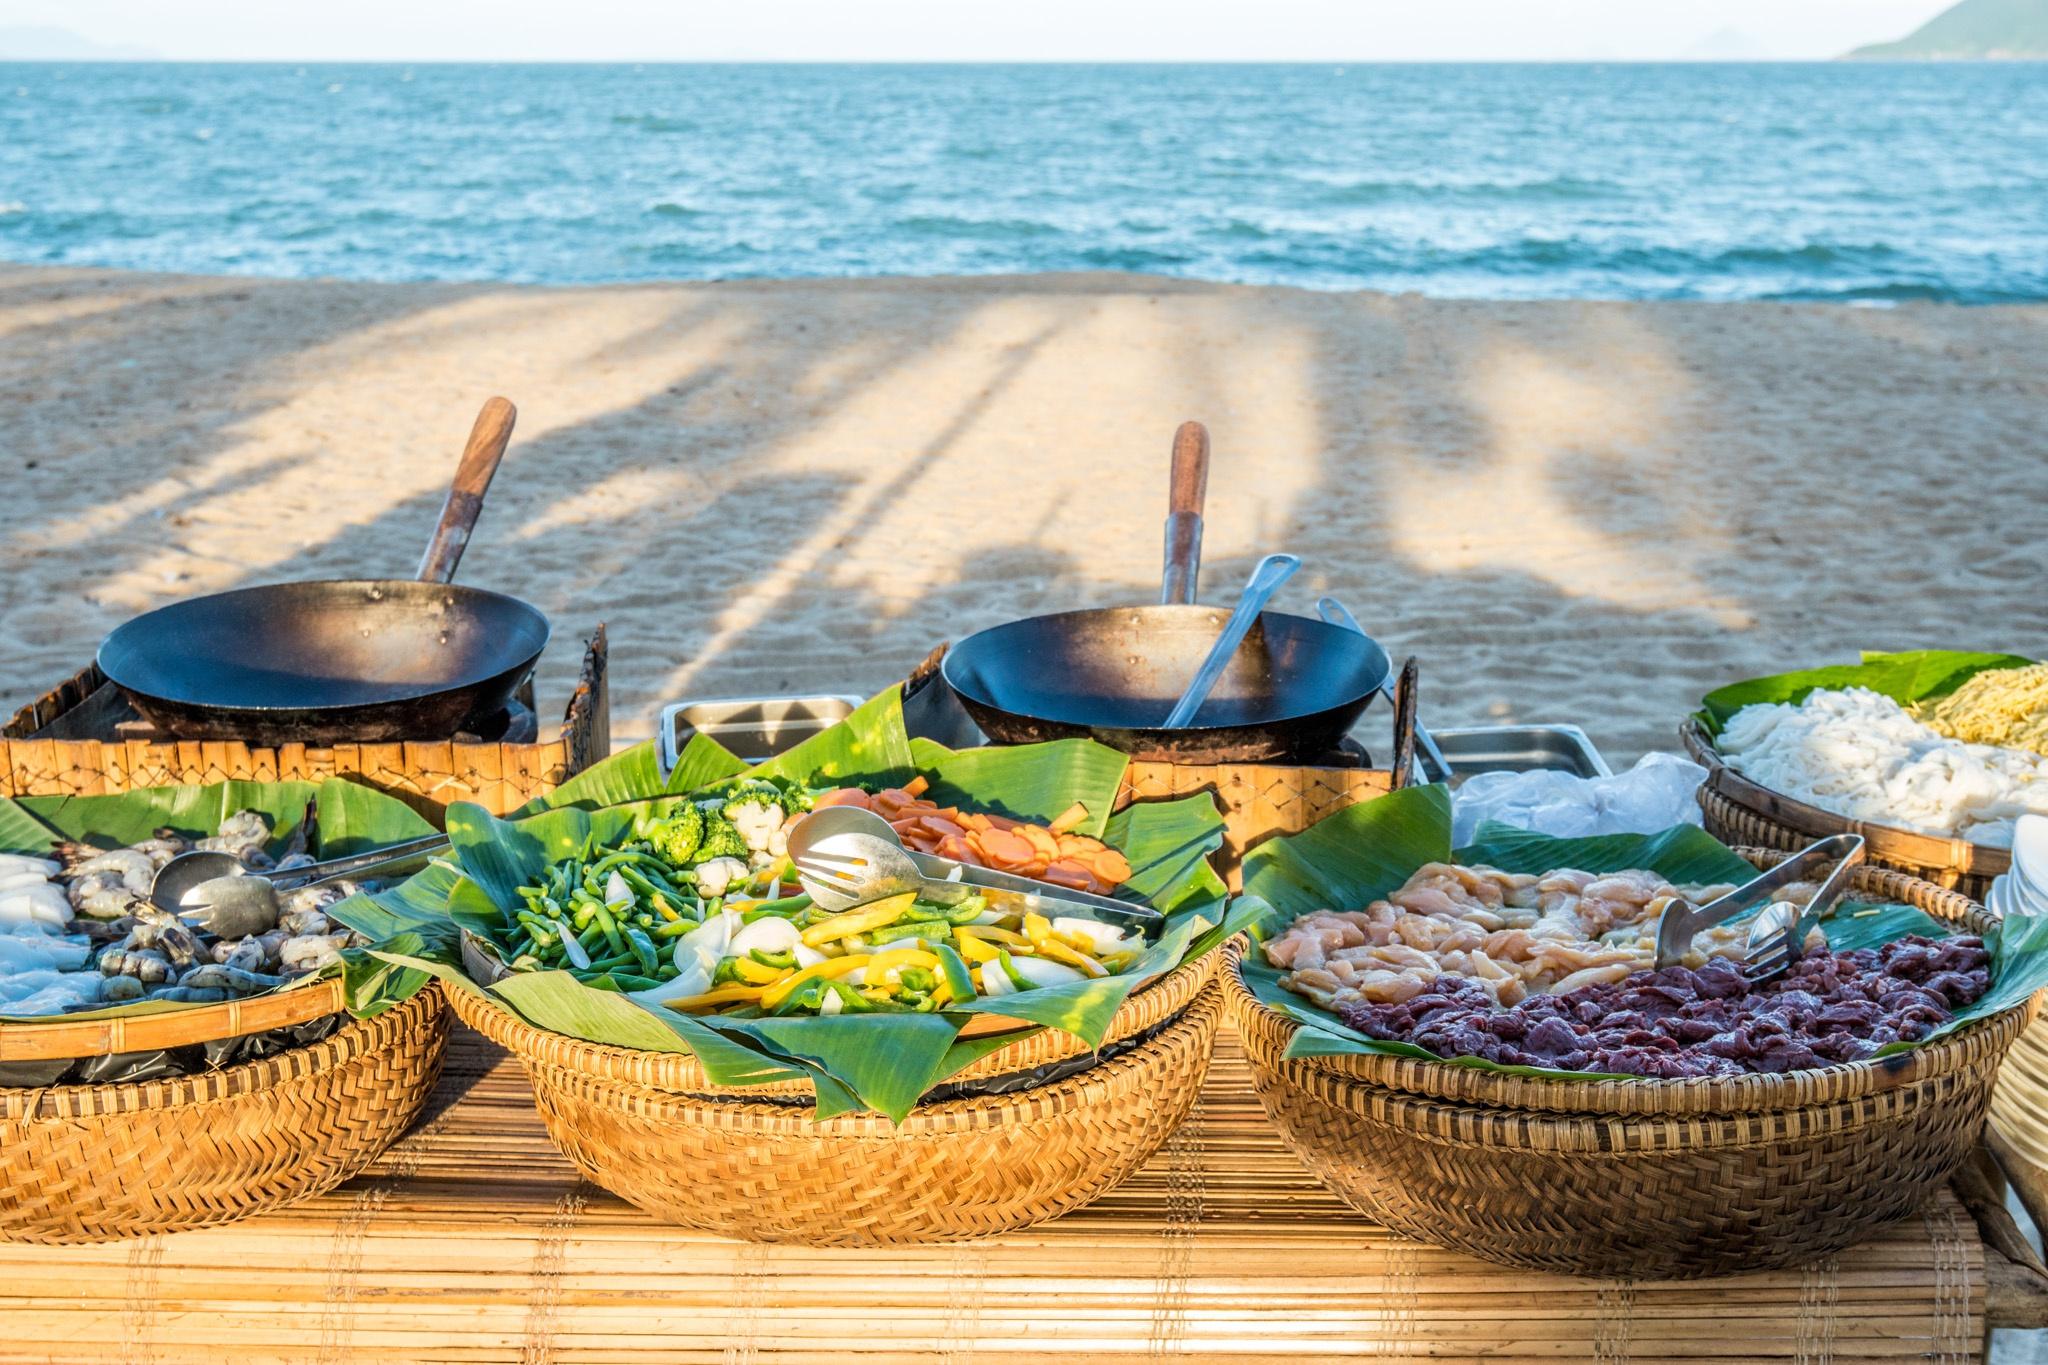 Chuyến đi mùa hè đến thiên đường biển đảo Nha Trang - Ảnh 22.